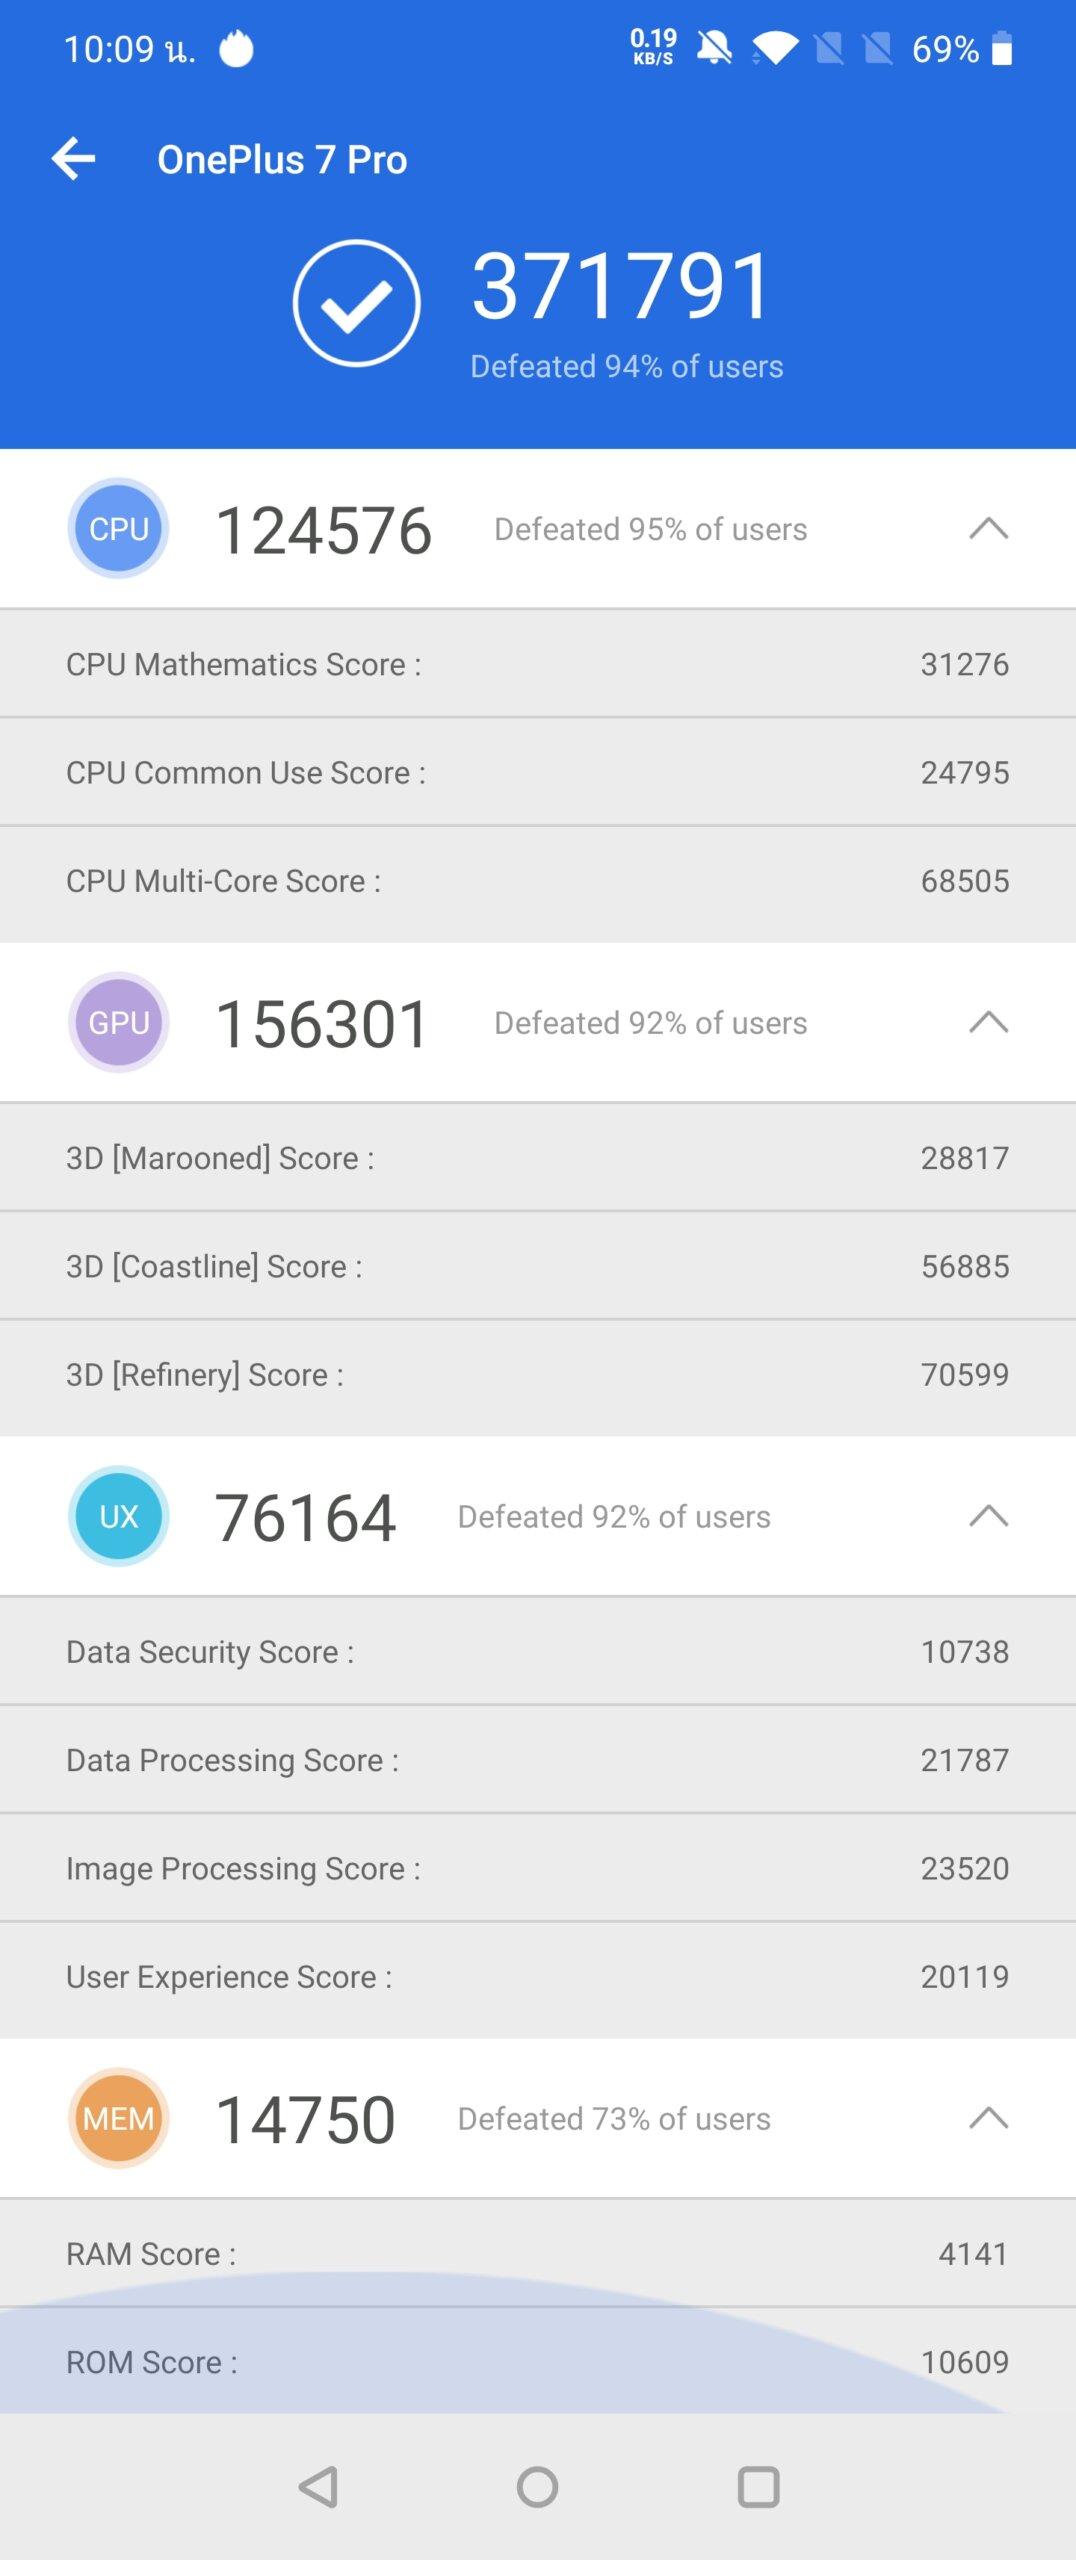 Screenshot 20190611 100959 scaled